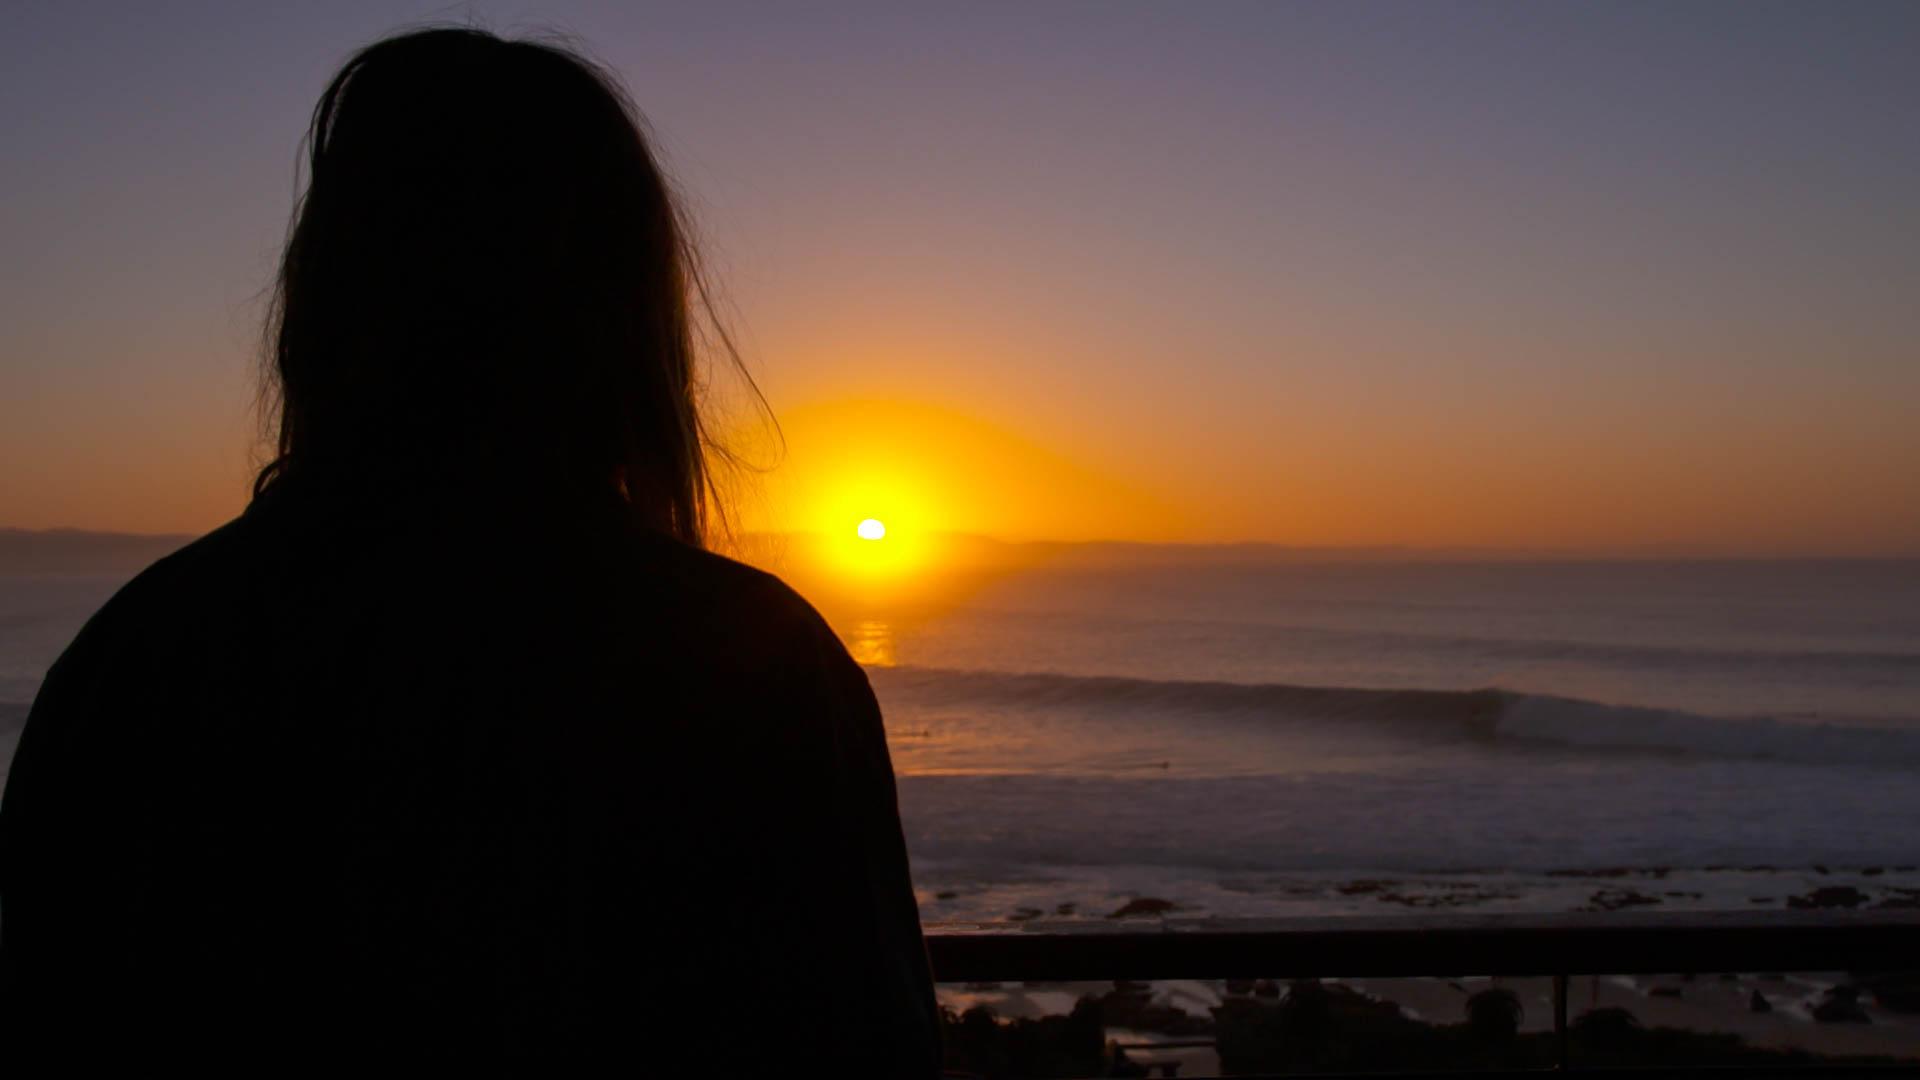 AKK_9164_BROLL_DylanG_LineUp_Good_Sunrise.MXF.21_05_27_10.Still001.jpg